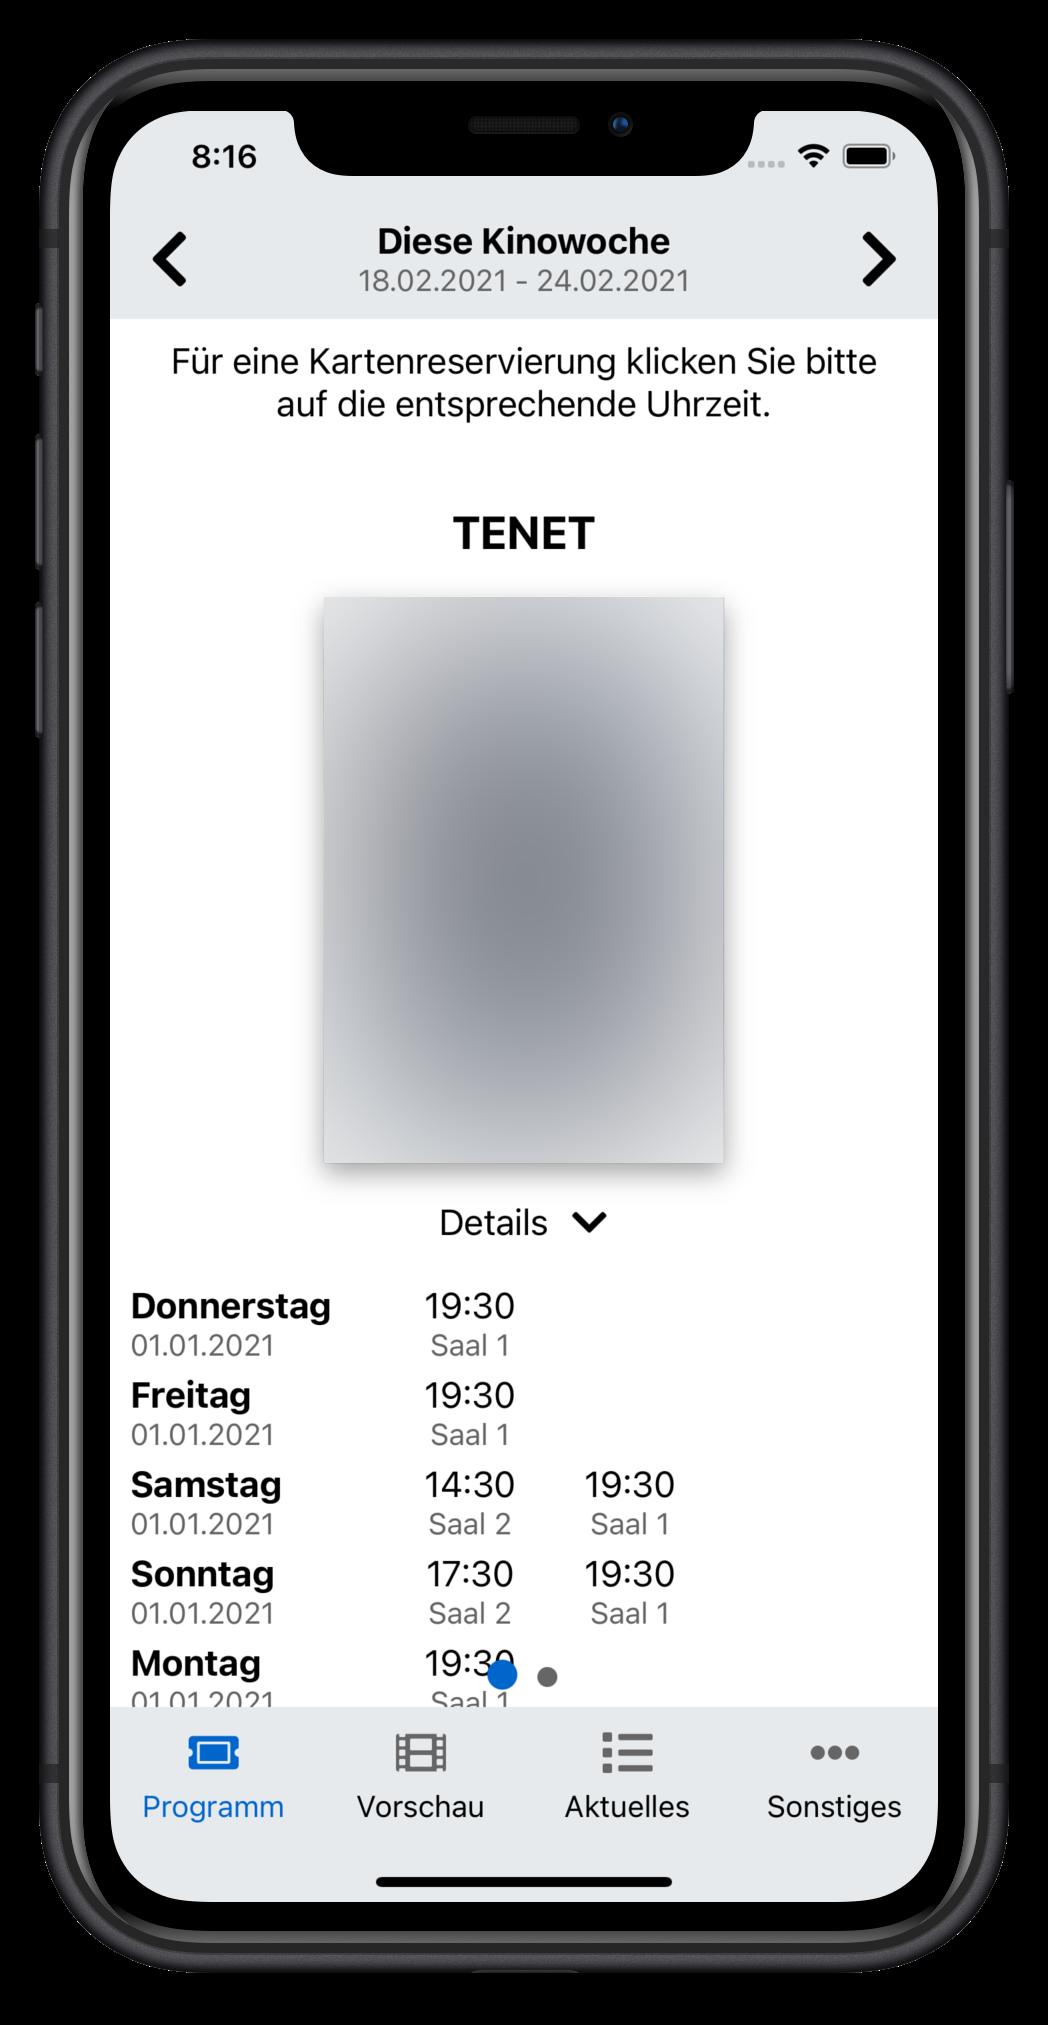 kinolahnstein-app-program-1-light_iphonexrspacegrey_portrait_blurred